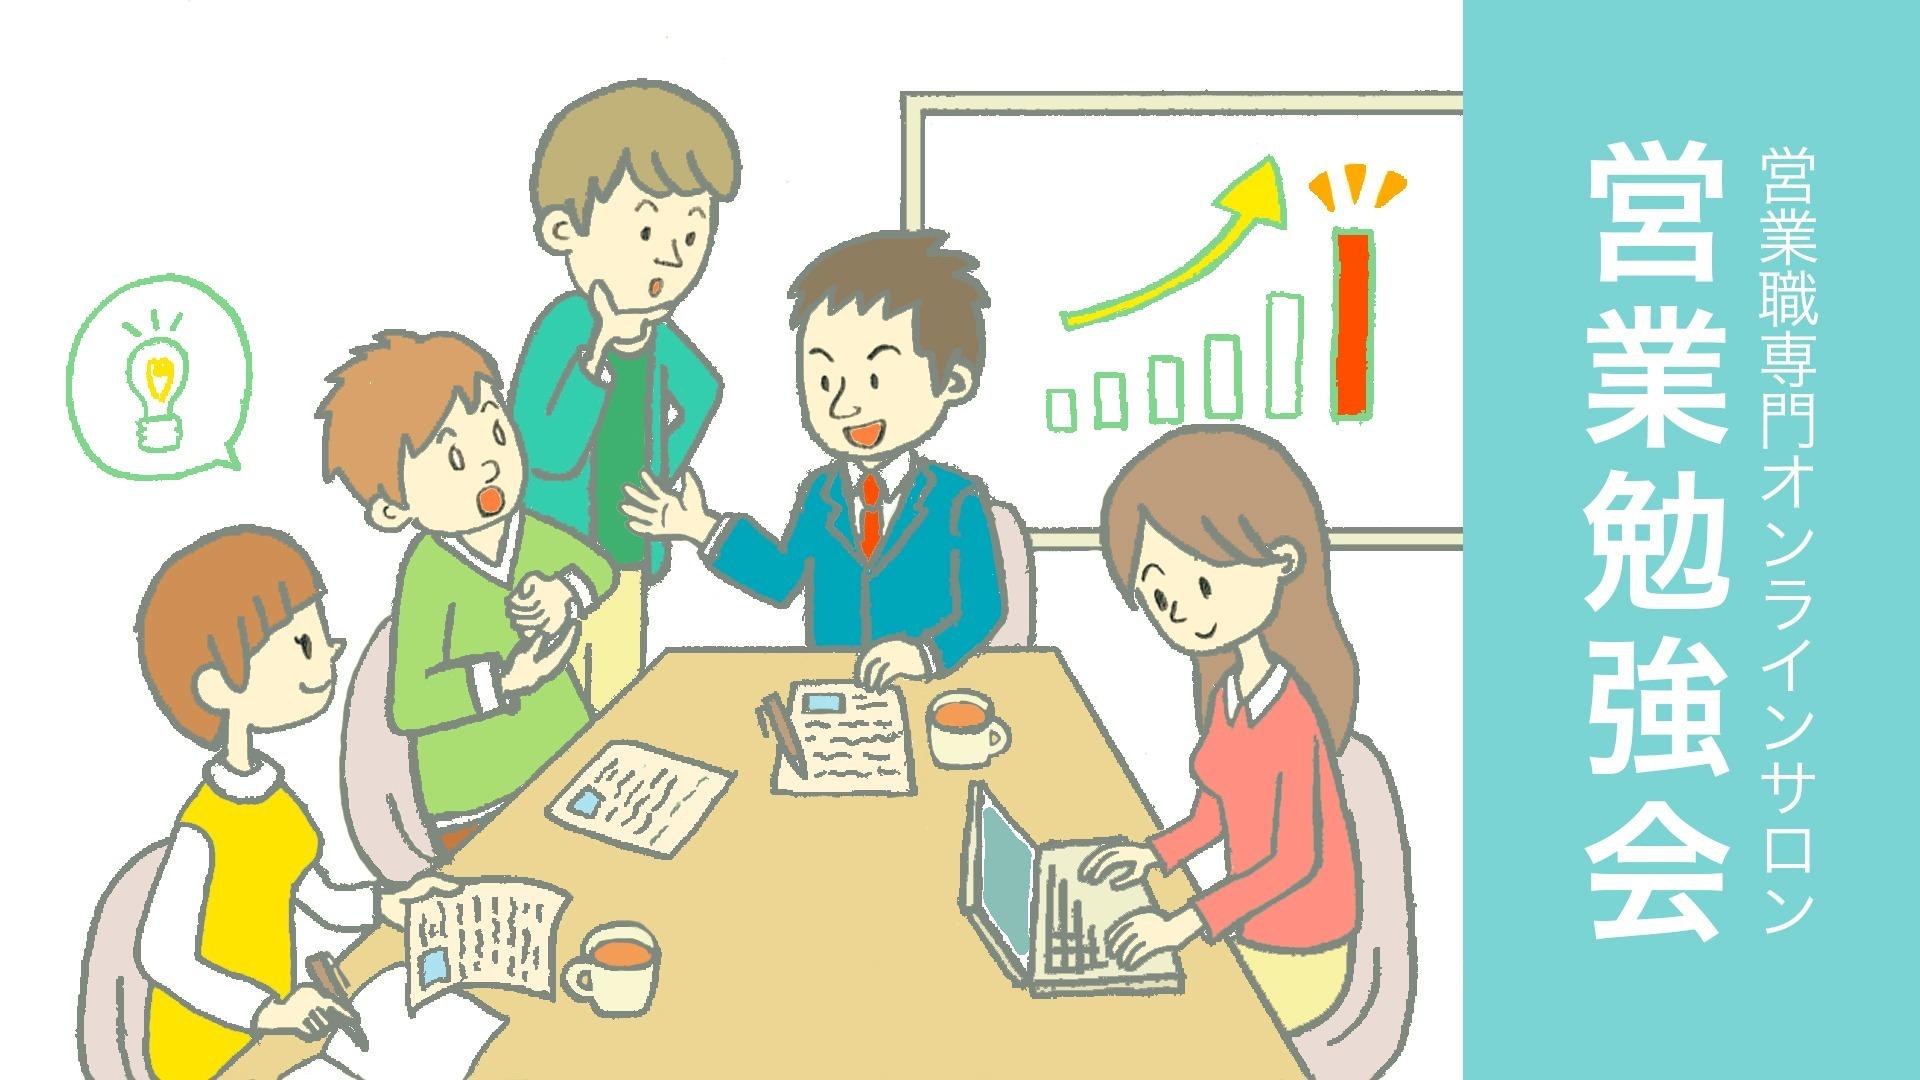 第三営業部〜稼ぎたい・成長したい仲間が集まる営業勉強会〜